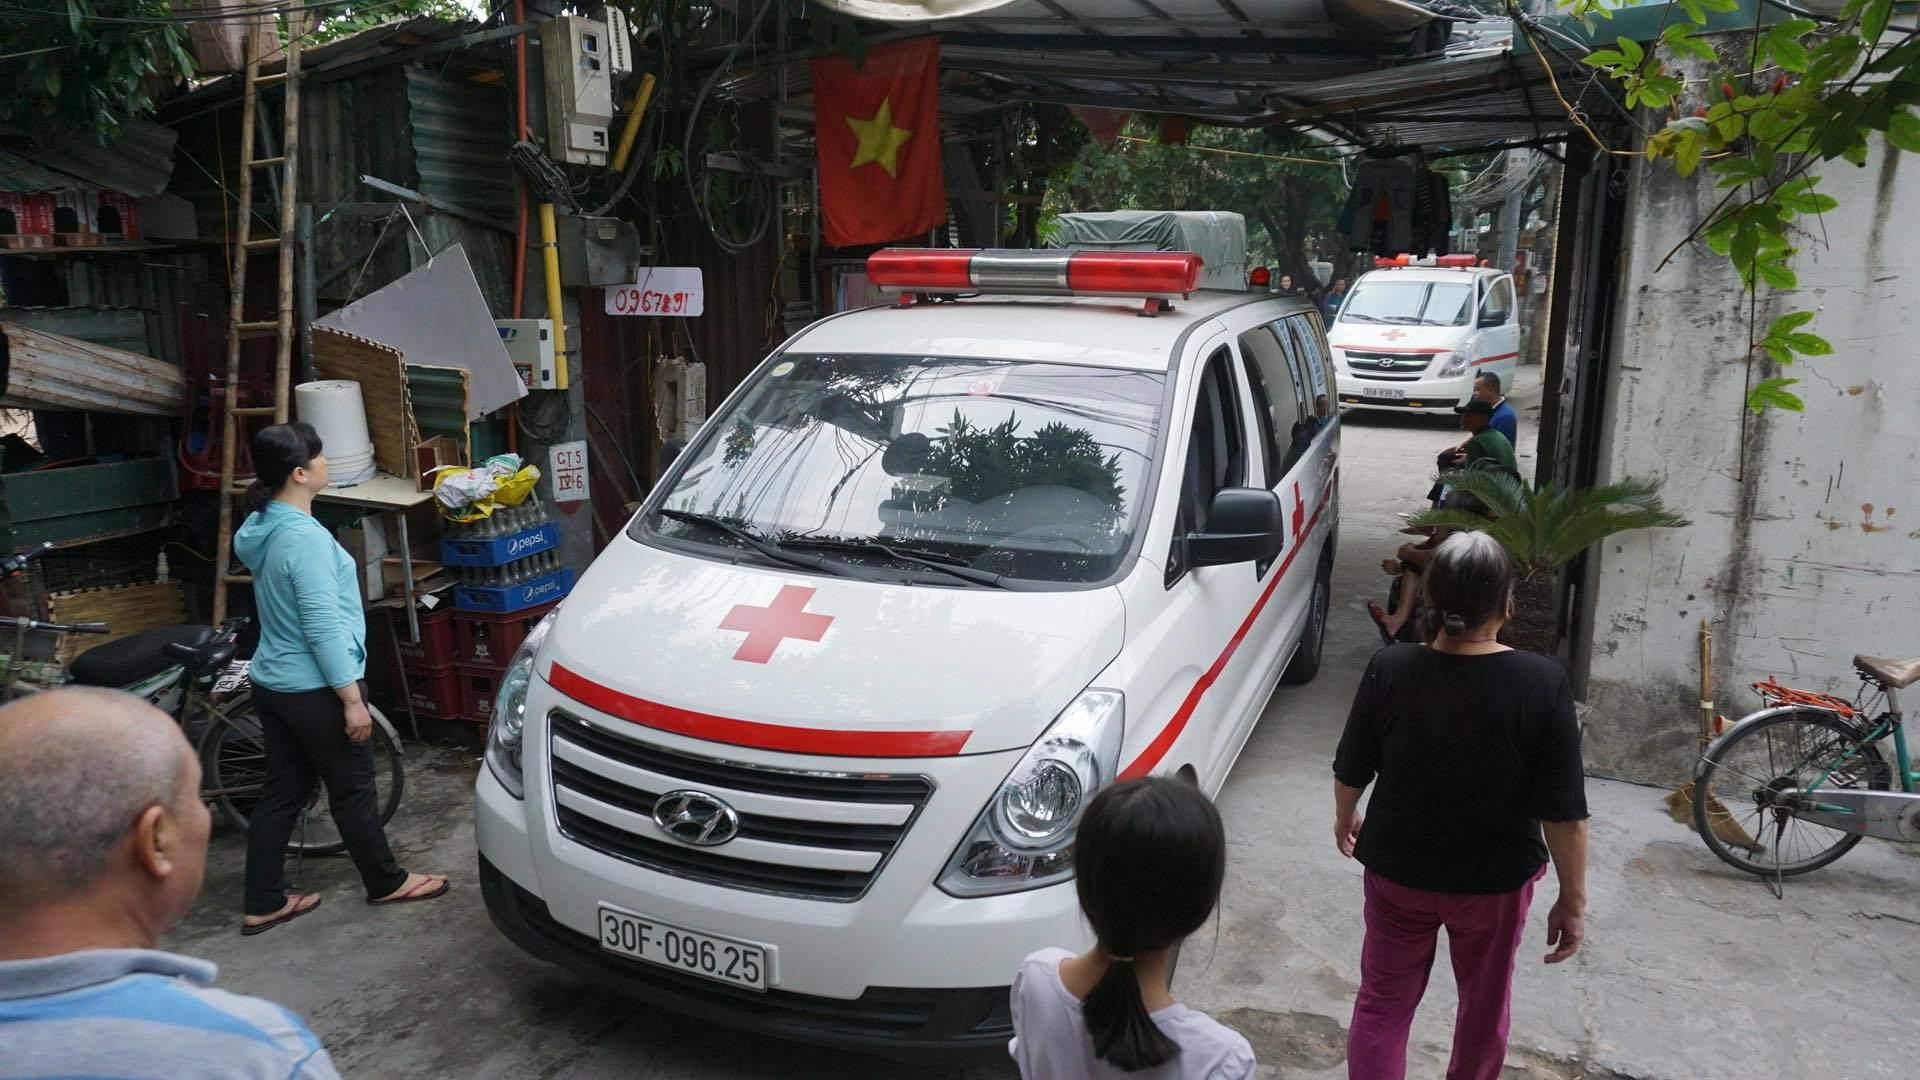 Nguyên nhân vụ cháy khiến 3 bà cháu tử vong thương tâm ở Hà Nội - Hình 1